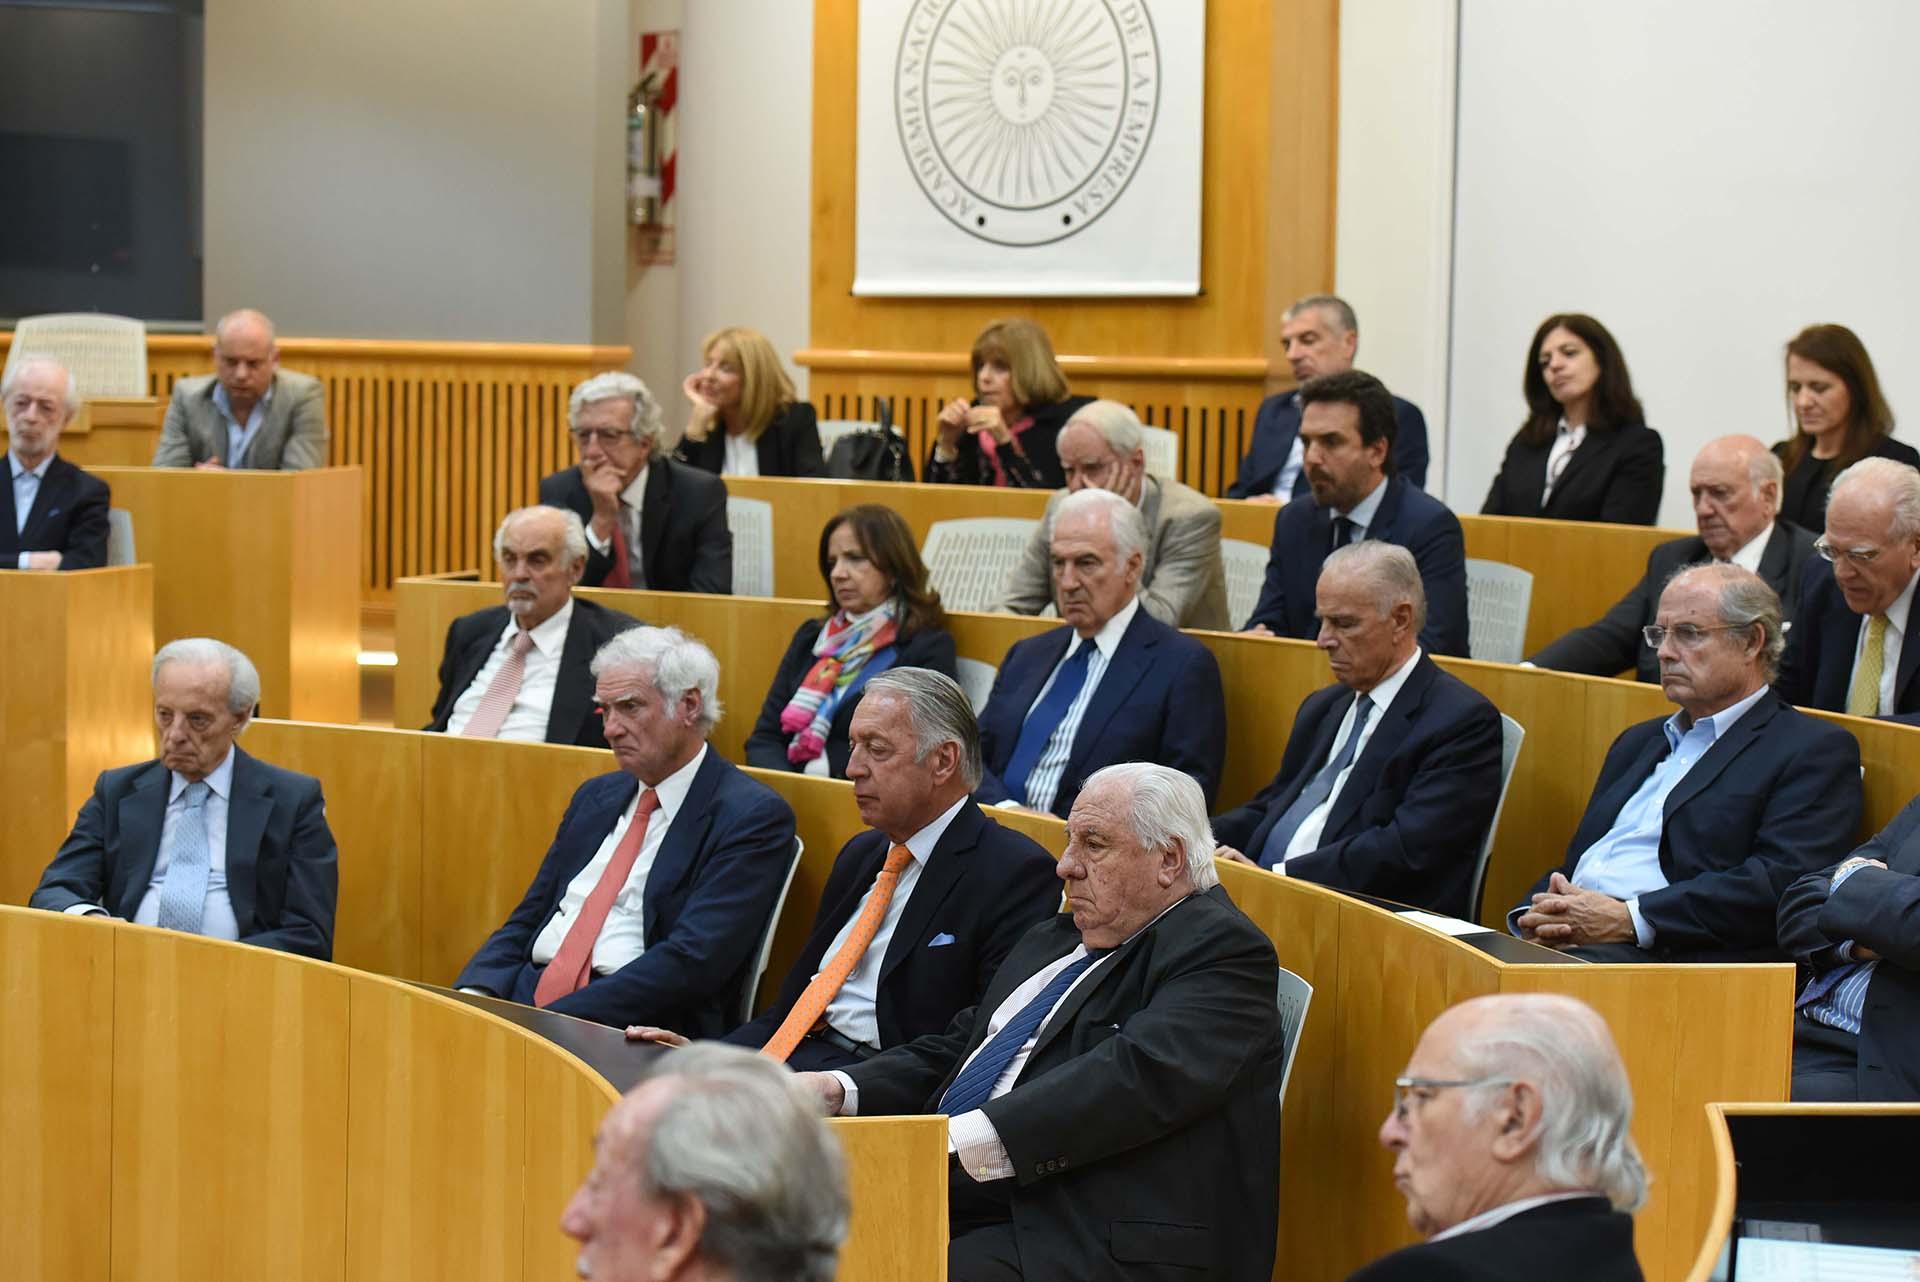 Los empresarios escucharon a Domingo Cavallo y, luego, dialogaron con el ex ministro de Economía